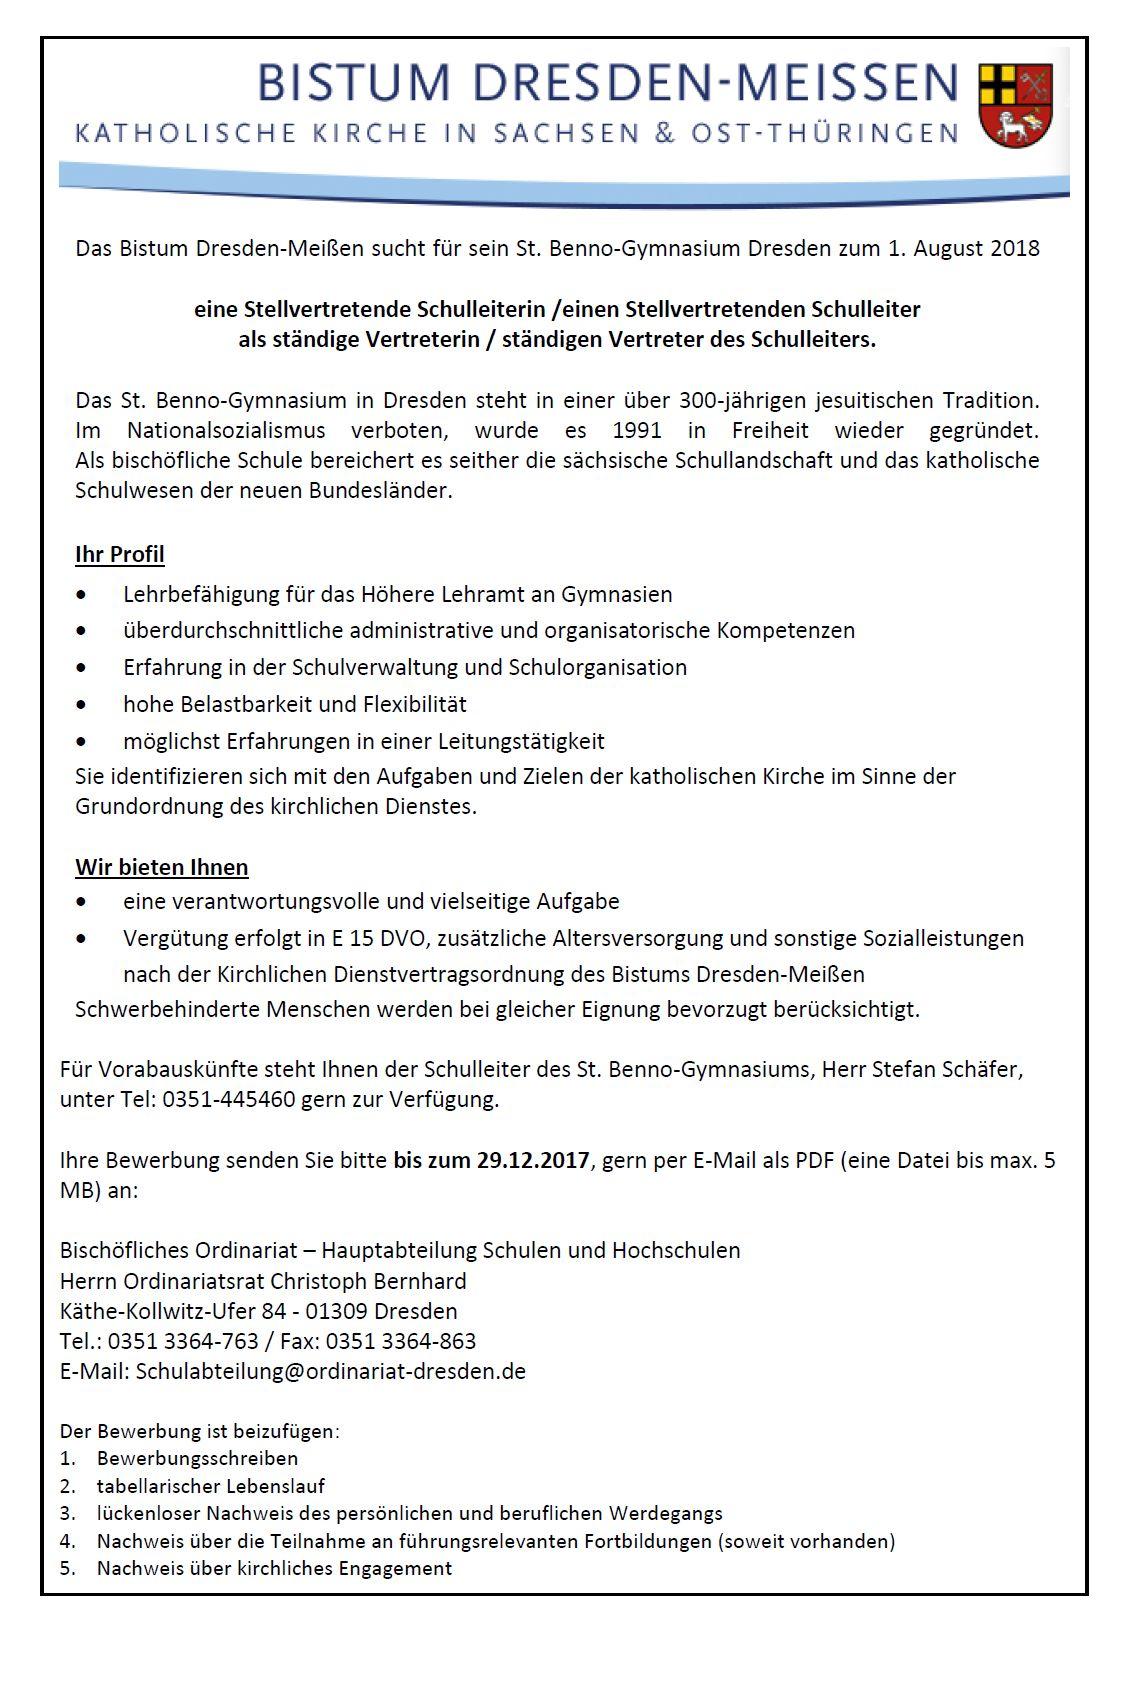 Schuljahr 2017/2018 - St. Benno-Gymnasium Dresden